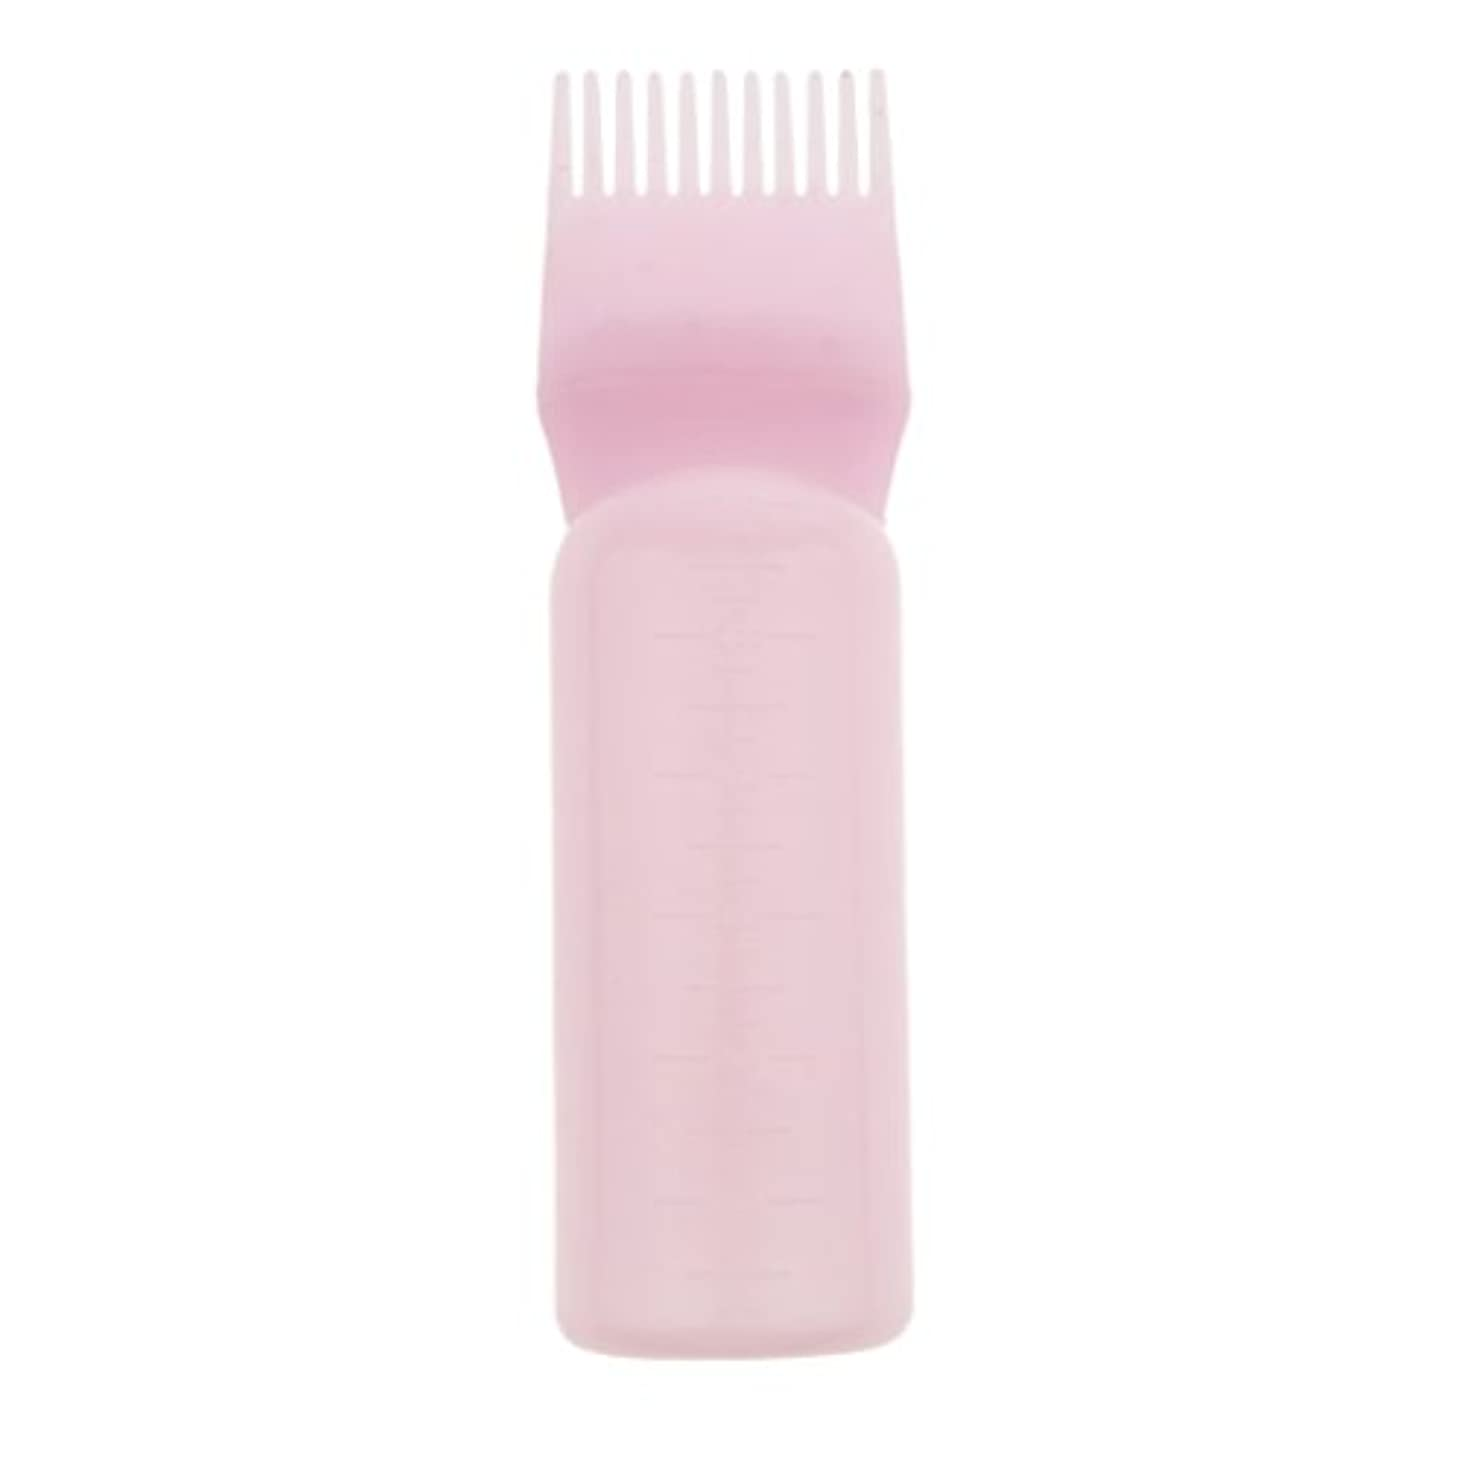 暗殺者写真の皮髪染め ヘアカラー ヘアダイ ボトル ディスペンサーブラシ ヘアサロン 2タイプ選べる - ピンク